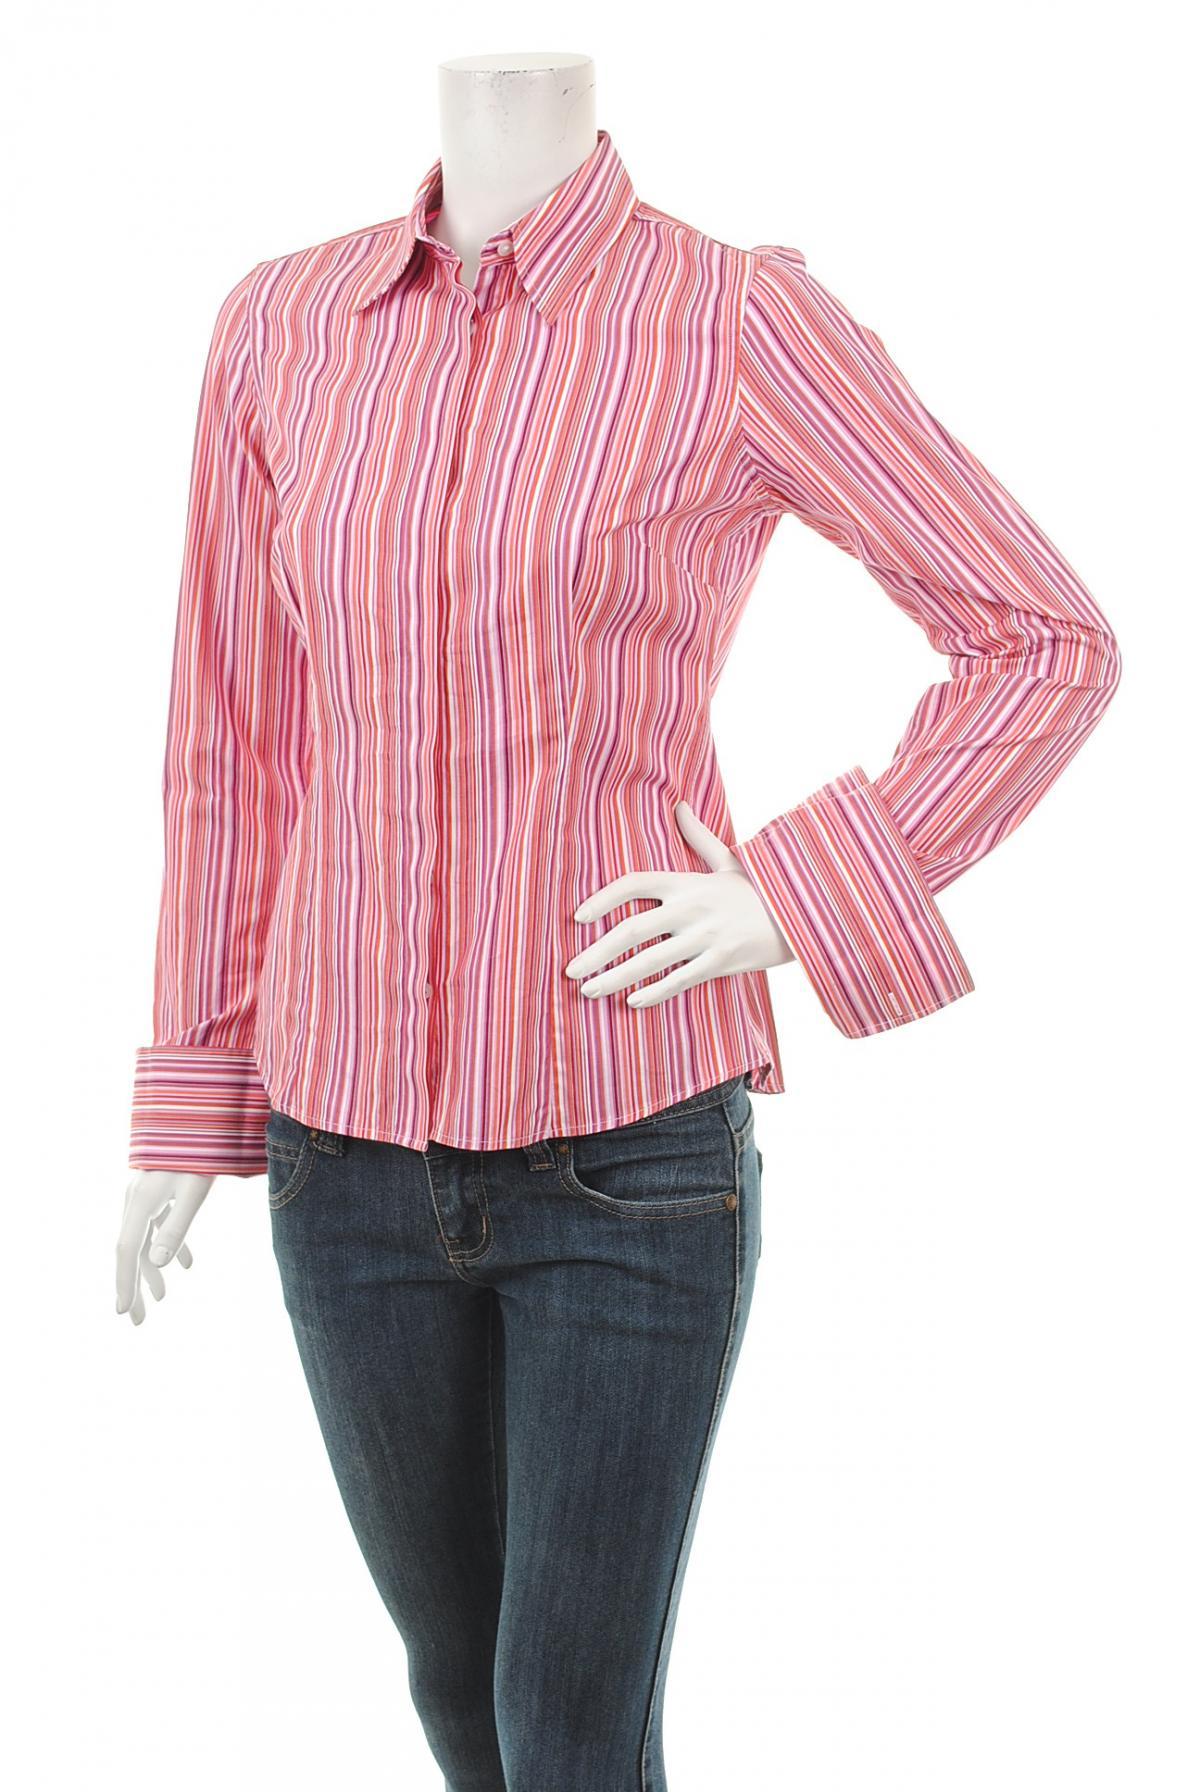 Γυναικείο πουκάμισο Pink